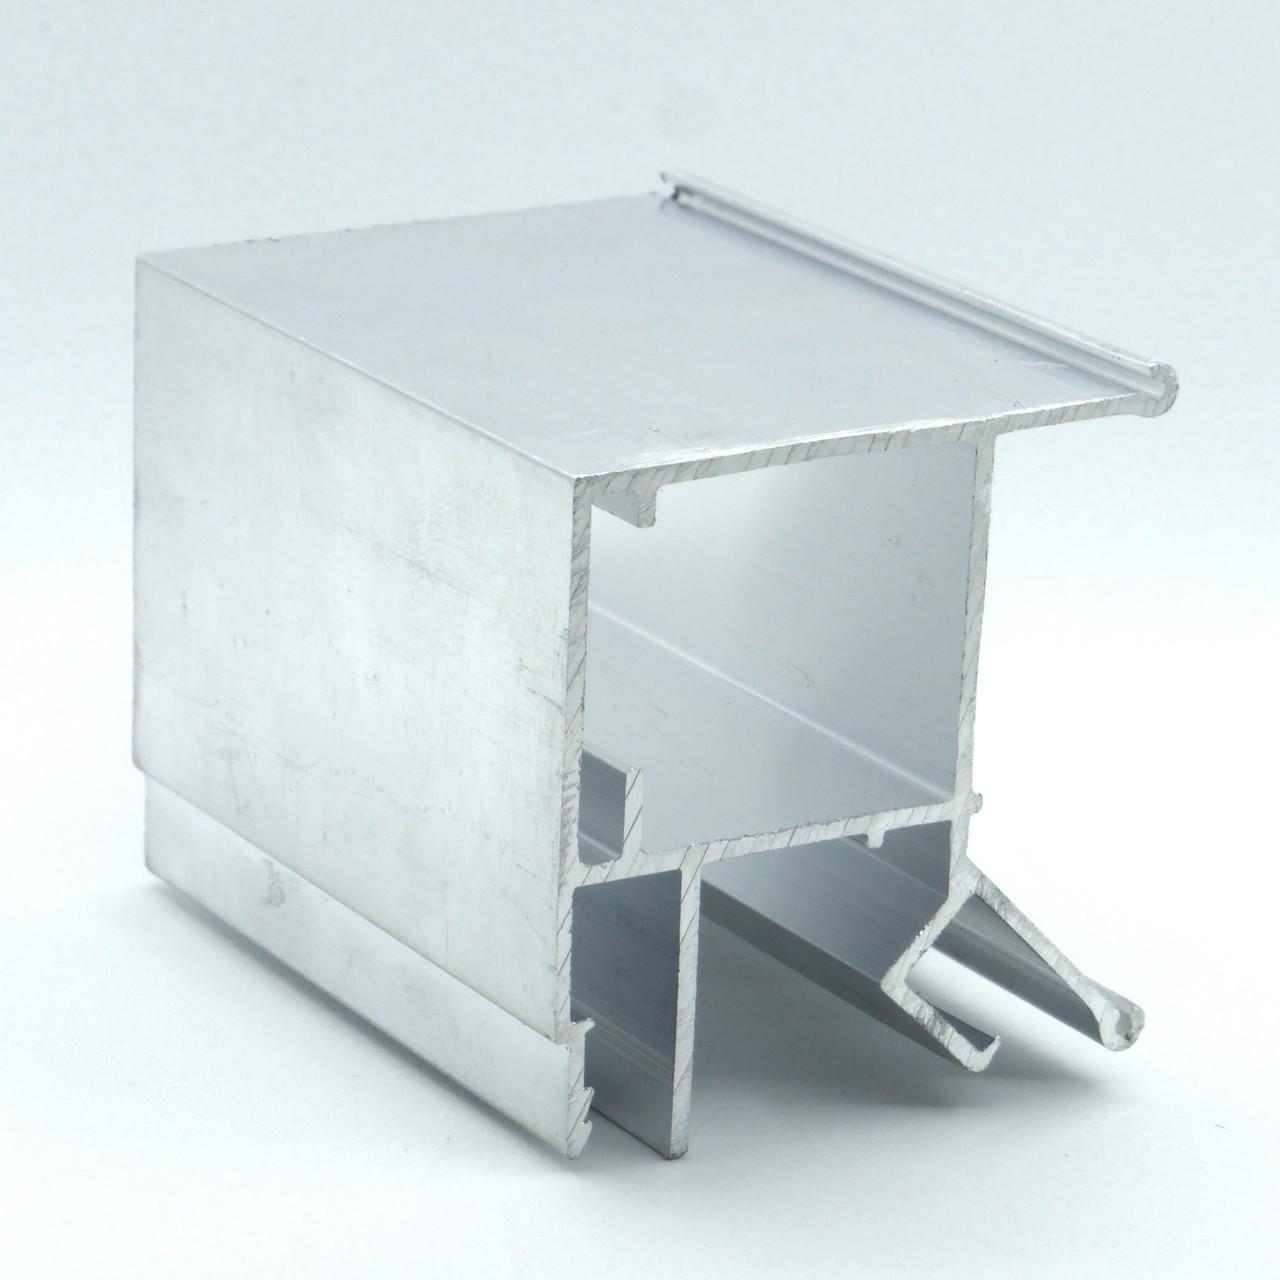 Профиль алюминиевый для натяжных потолков - Брус, с подсветкой. Длина профиля 2,5 м.